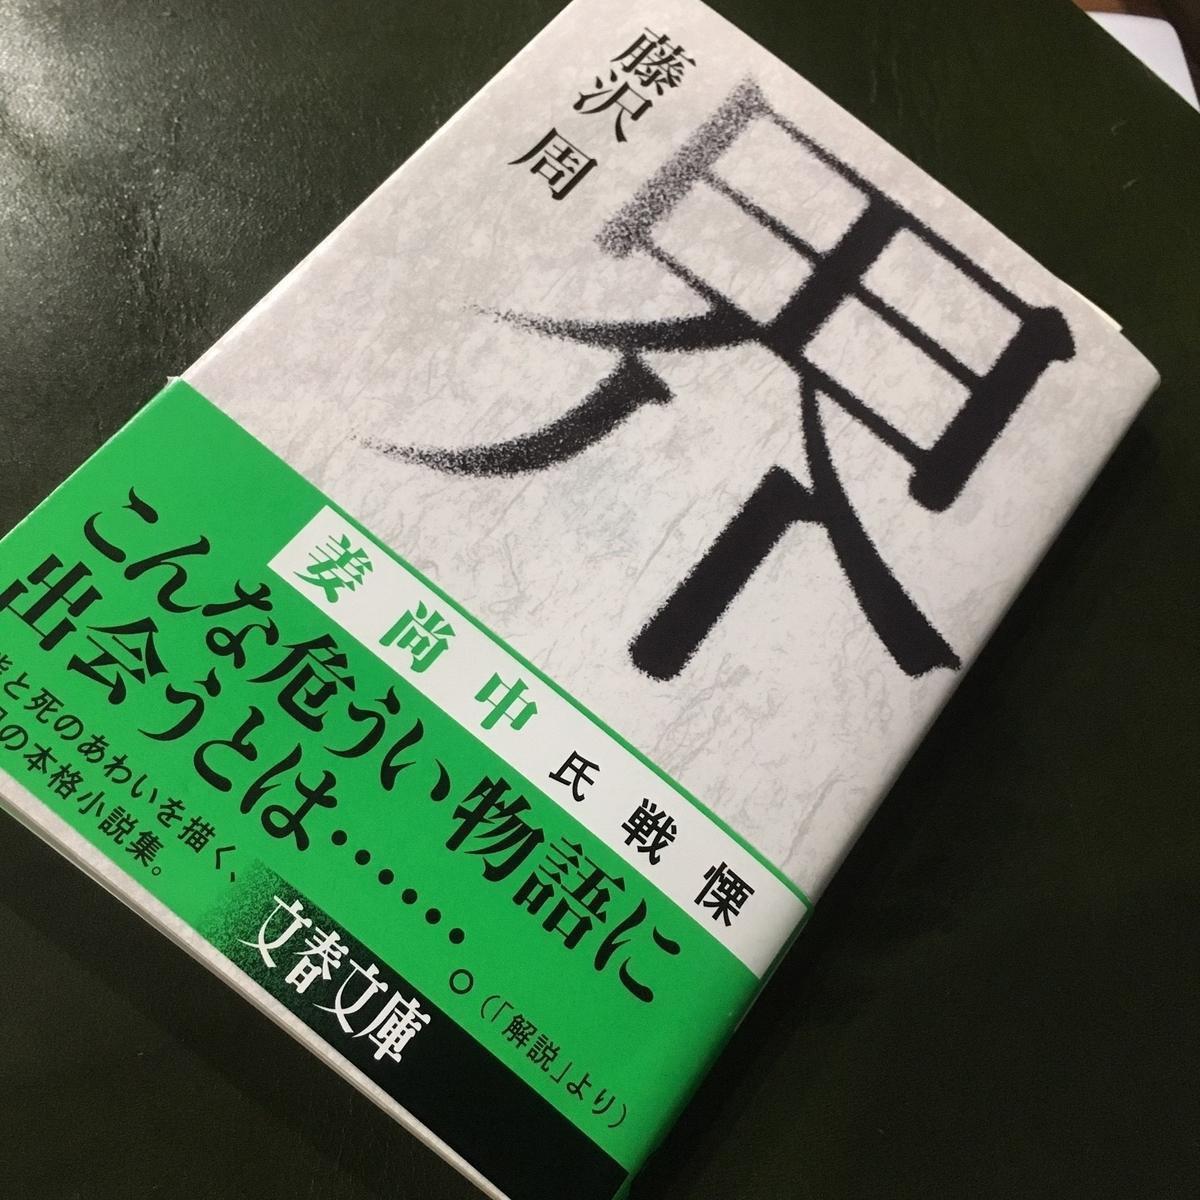 f:id:ShotaMaeda:20190630152100j:plain